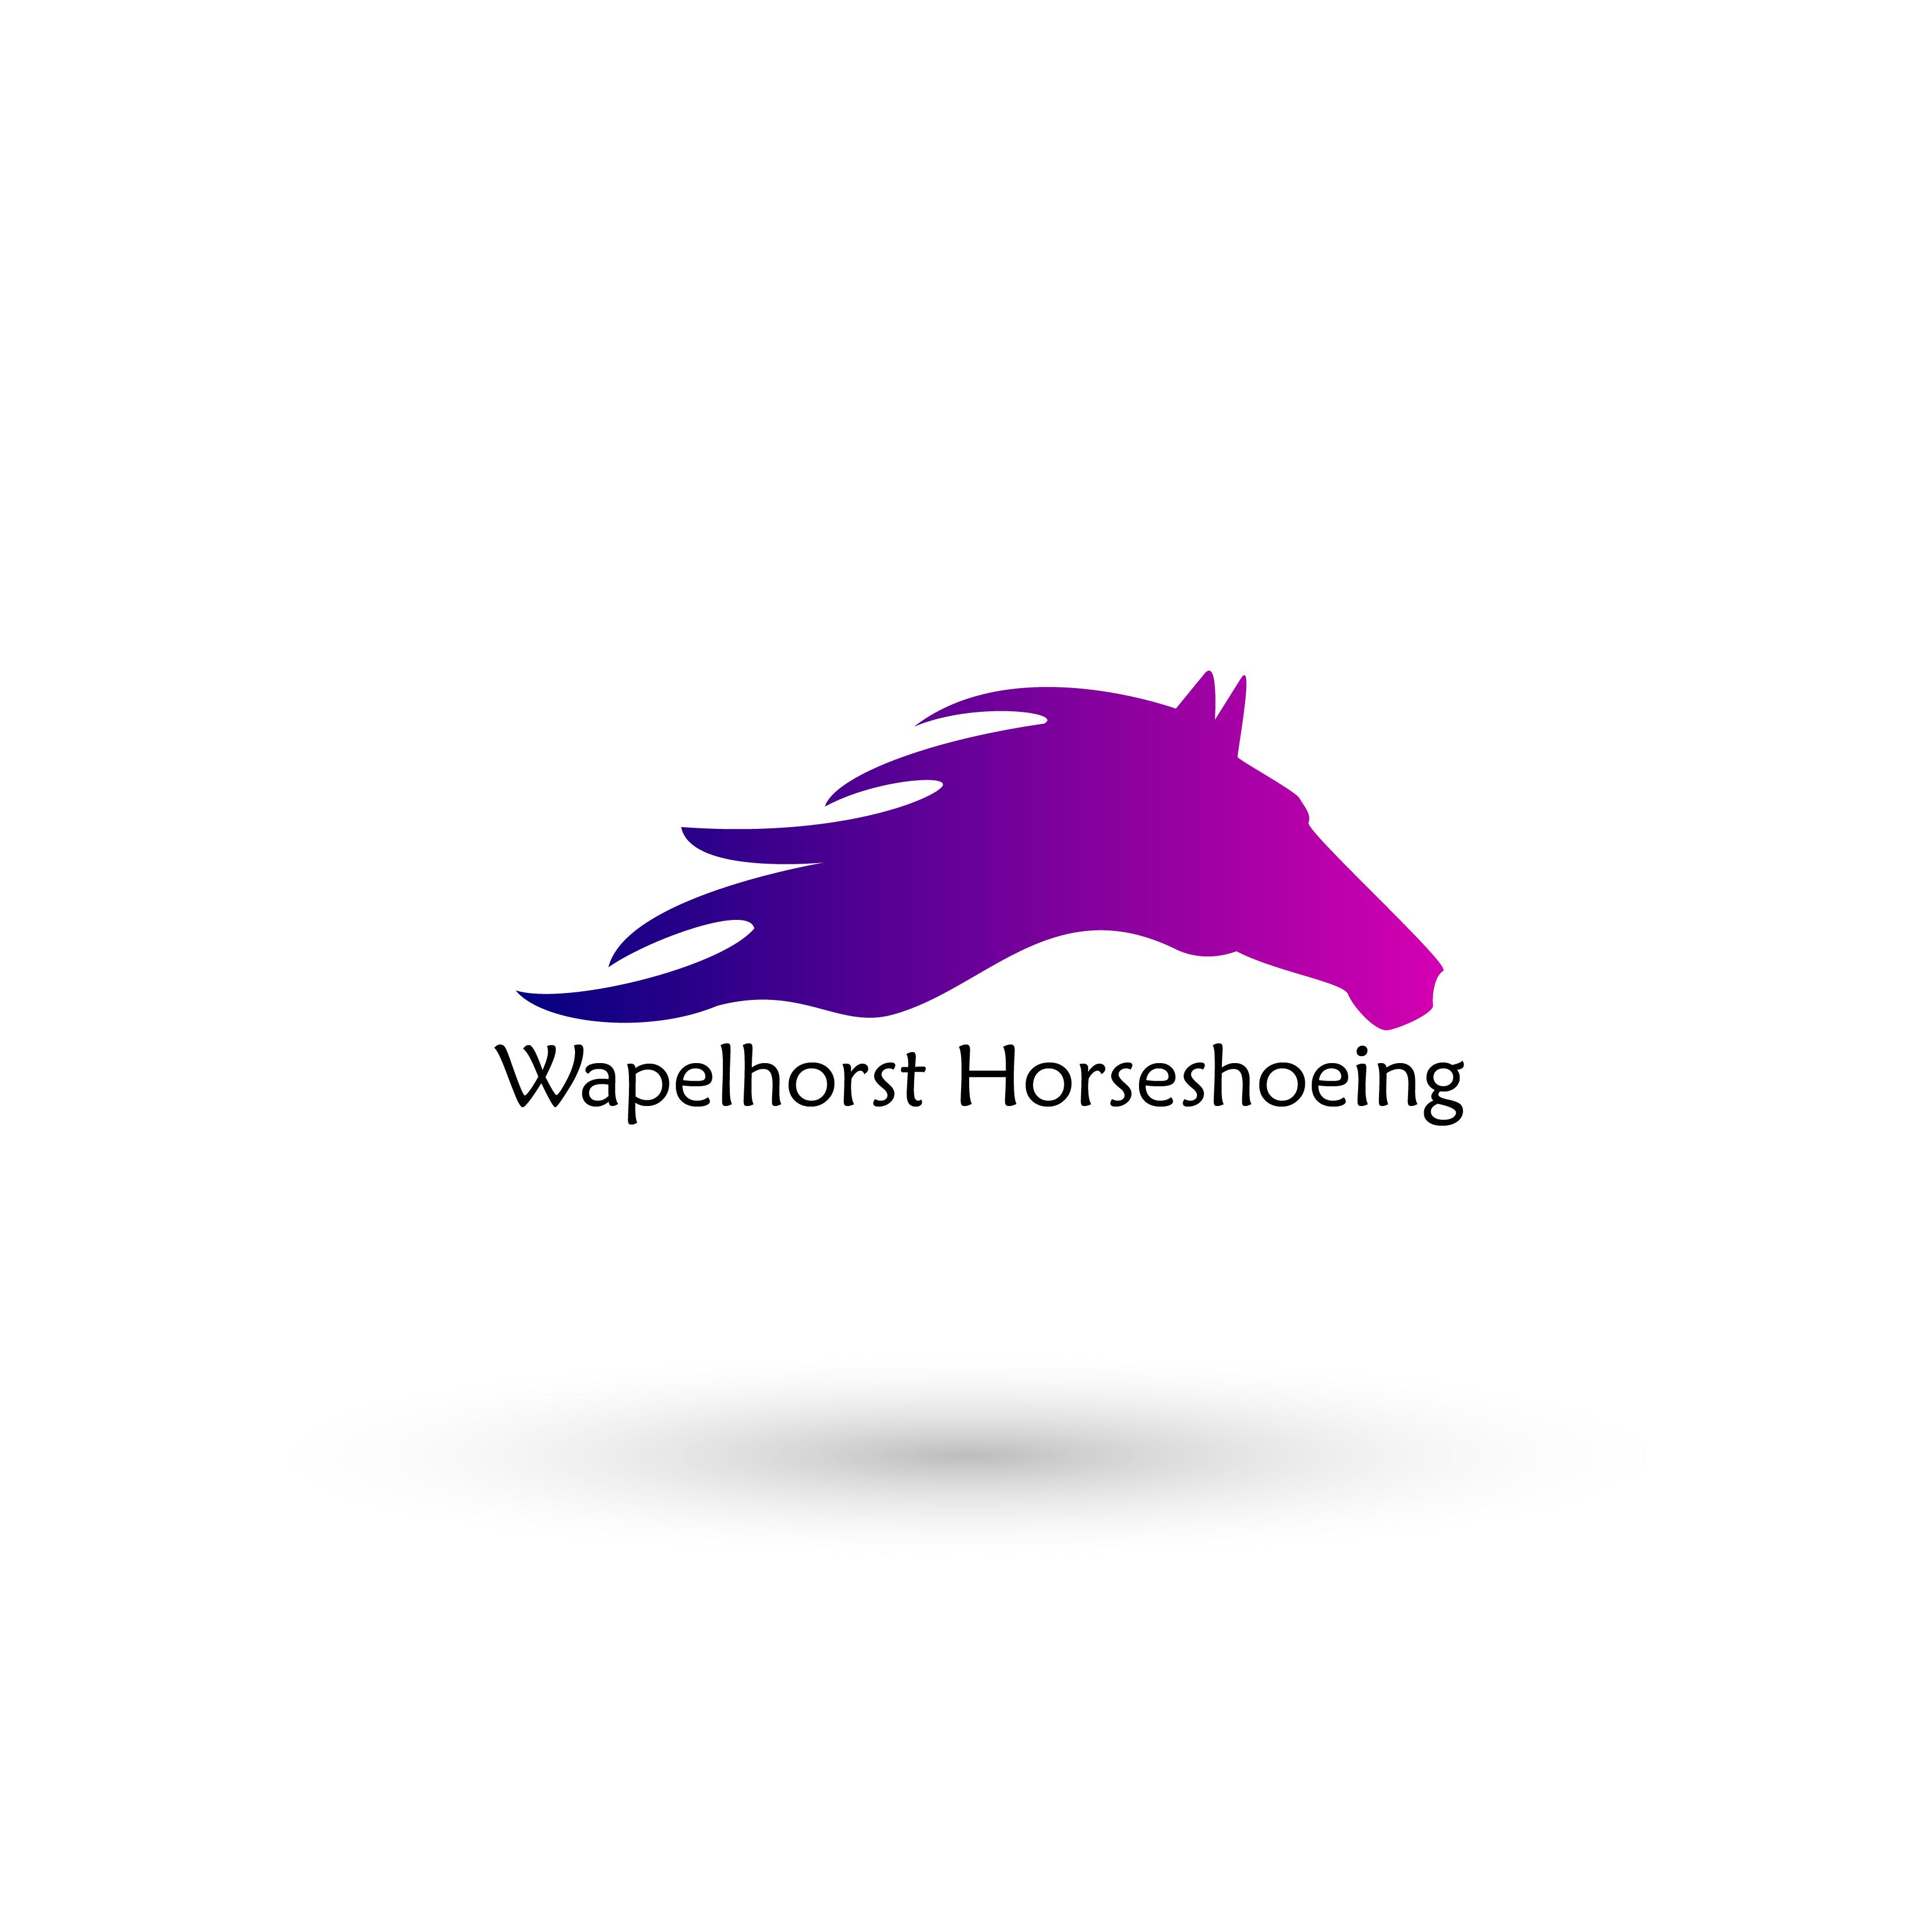 Wapelhorst Horseshoeing logo Design